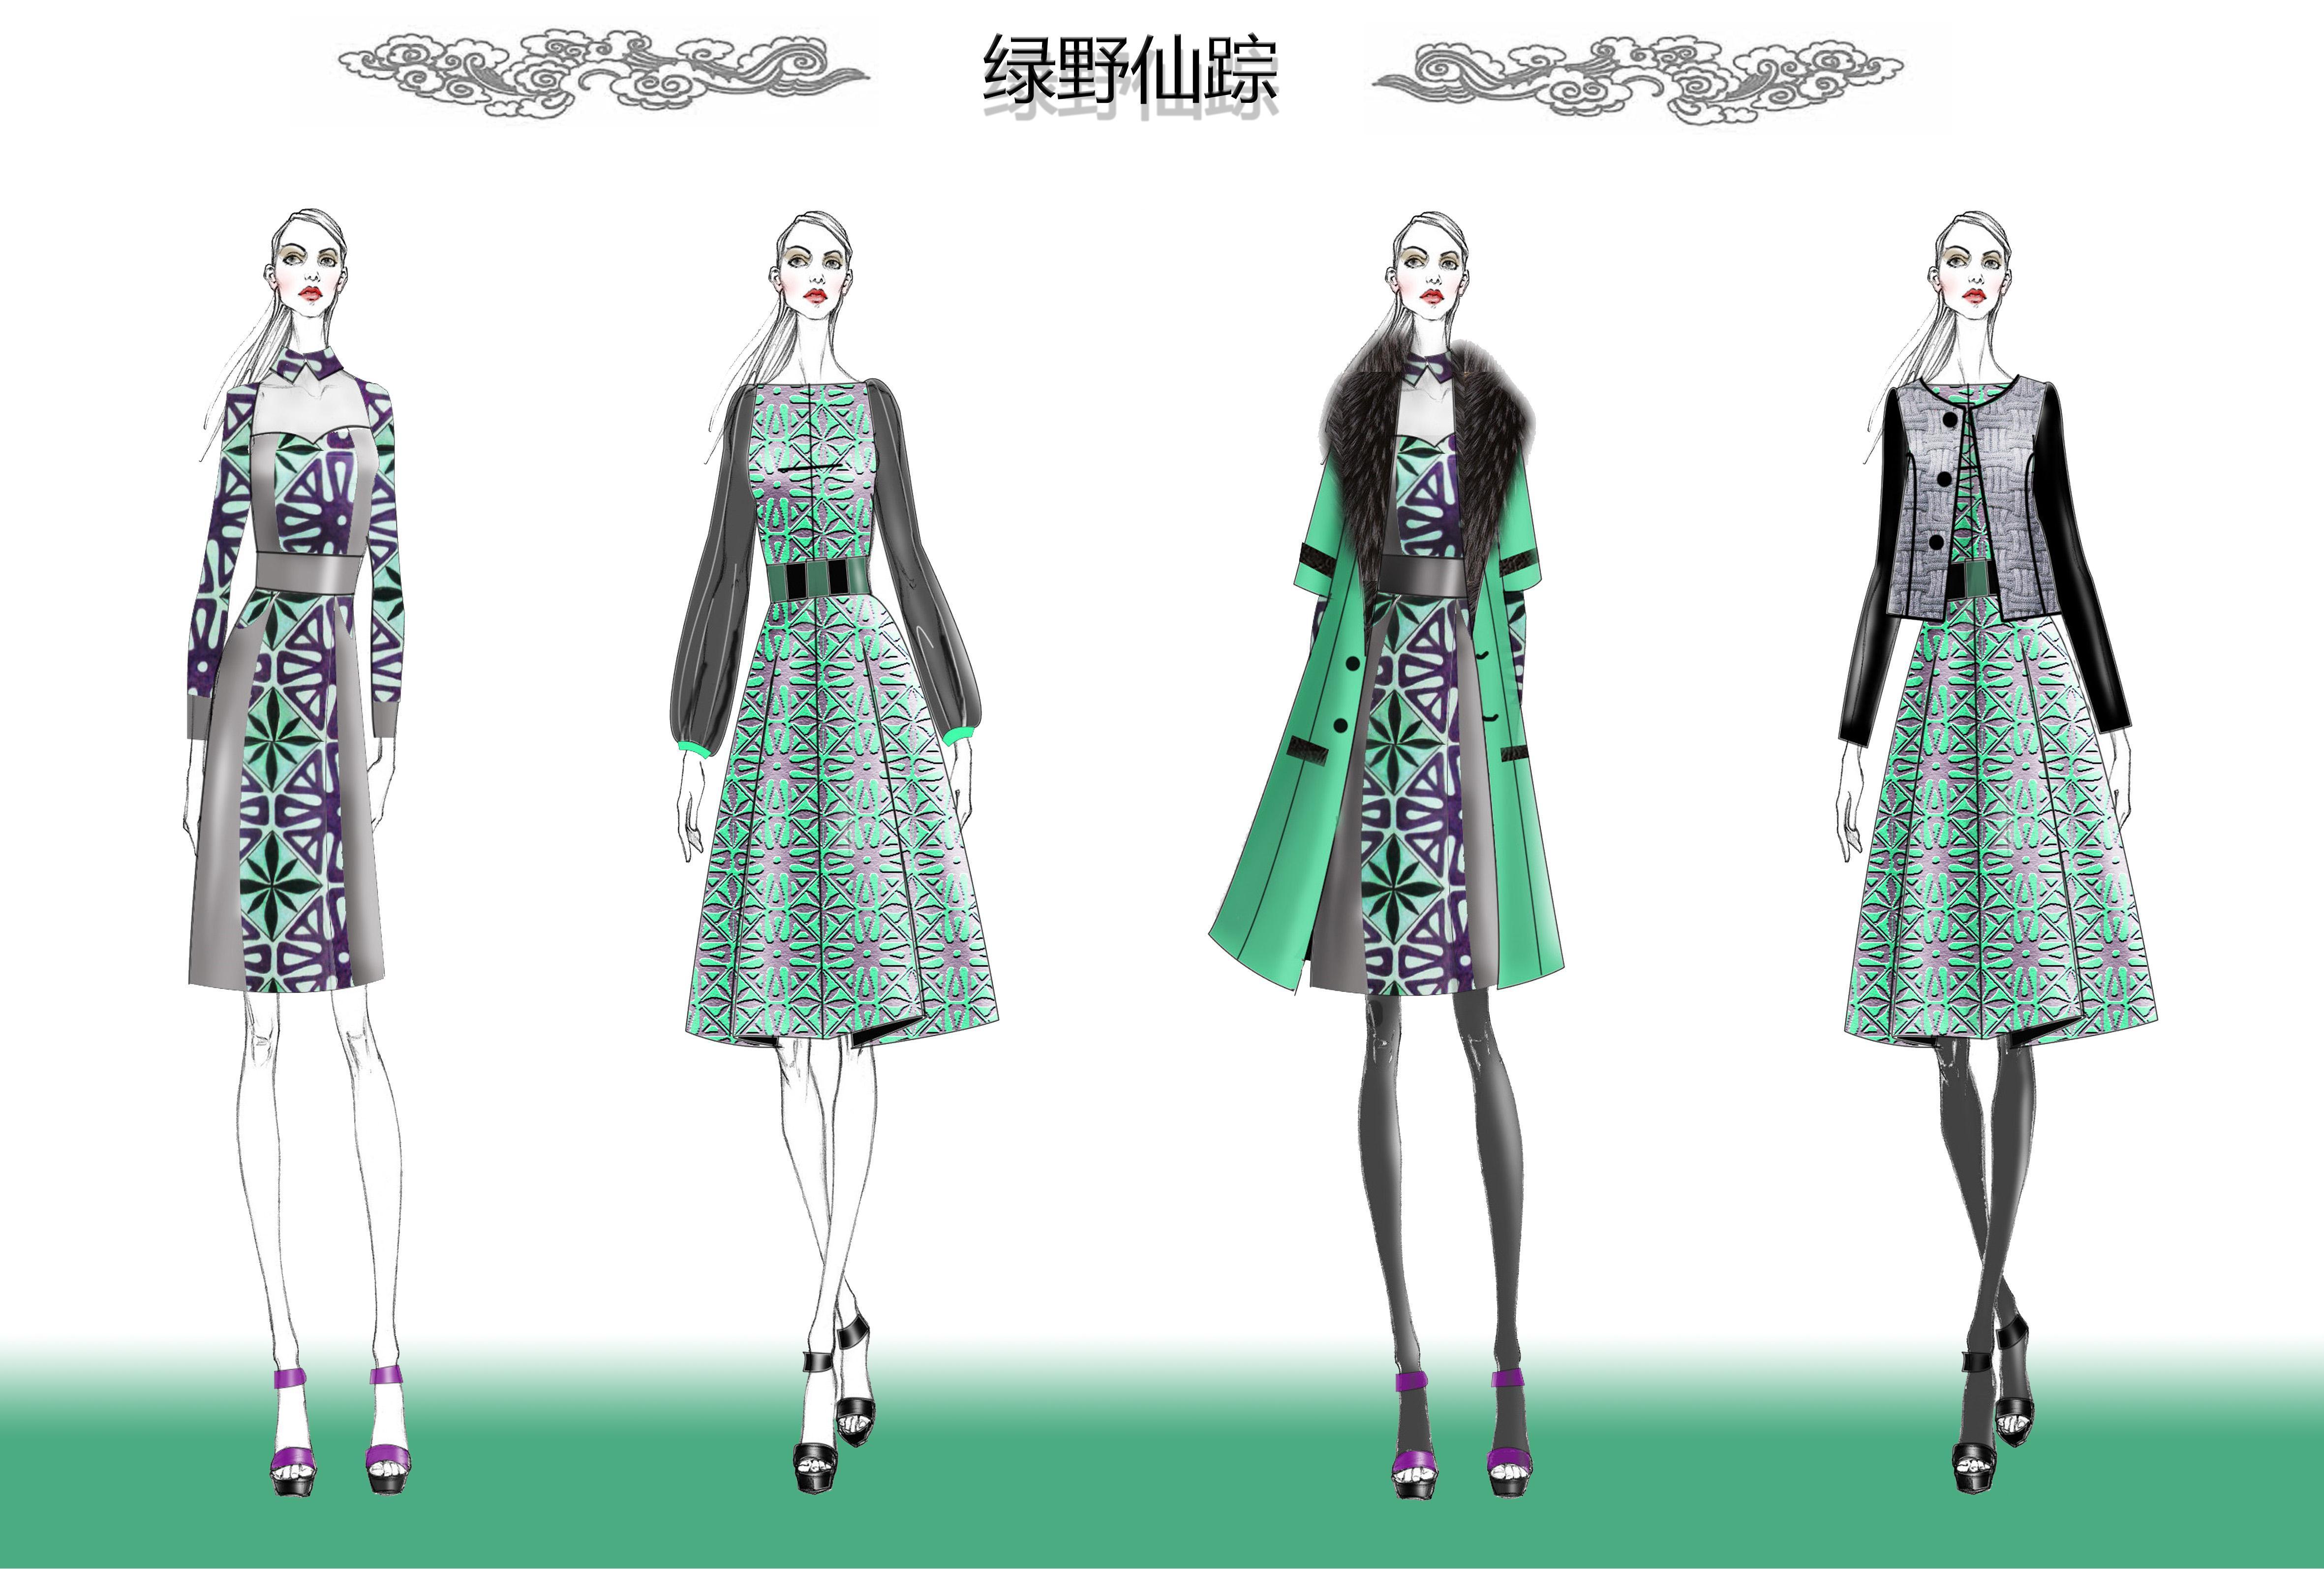 绿野仙踪-大赛作品设计-服装设计